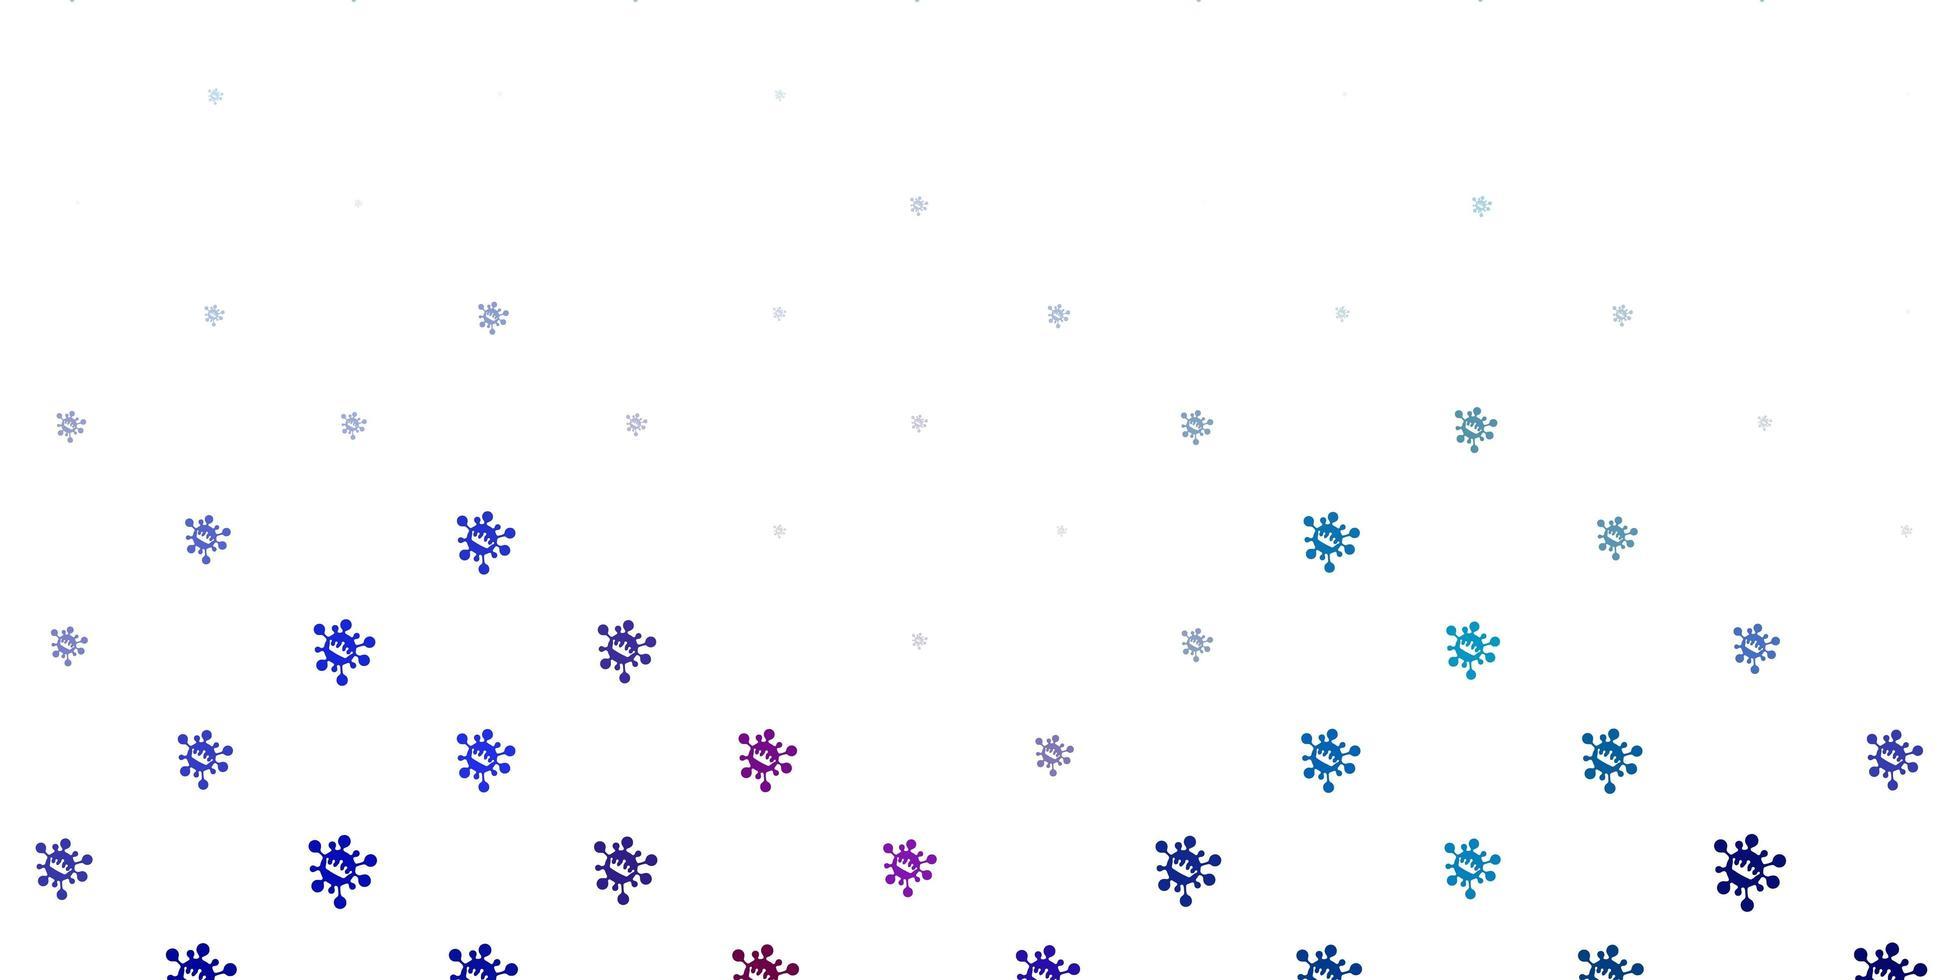 hellblaue, rote Vektorbeschaffenheit mit Krankheitssymbolen. vektor